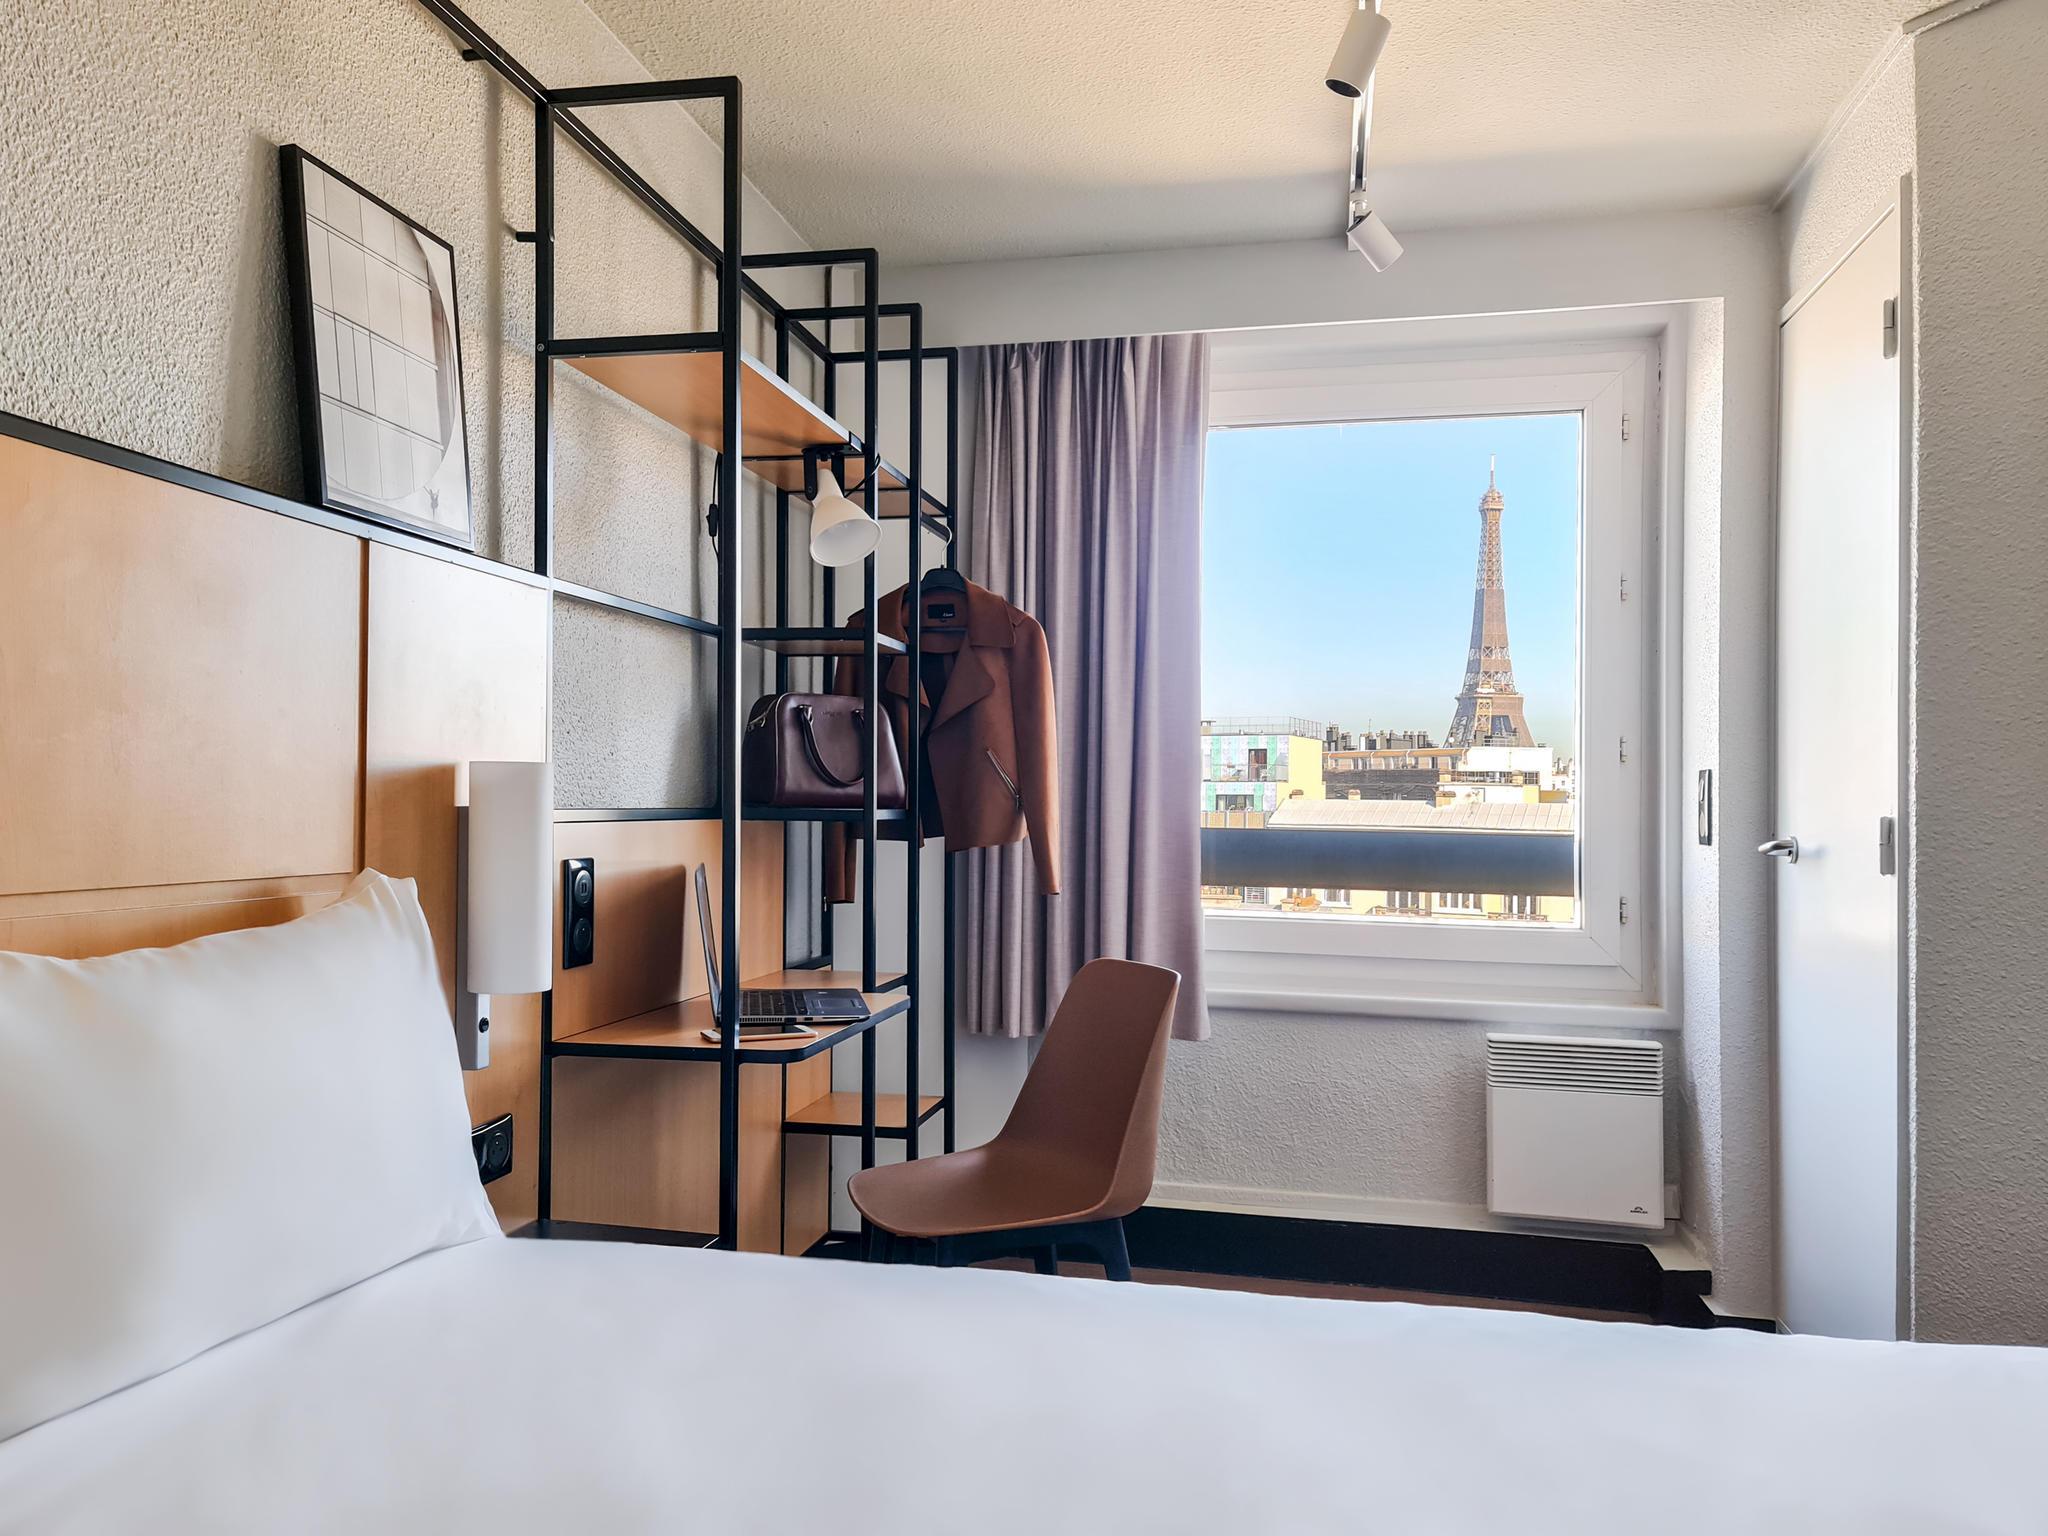 호텔 – 이비스 파리 투르 에펠 캉브론 15엠므